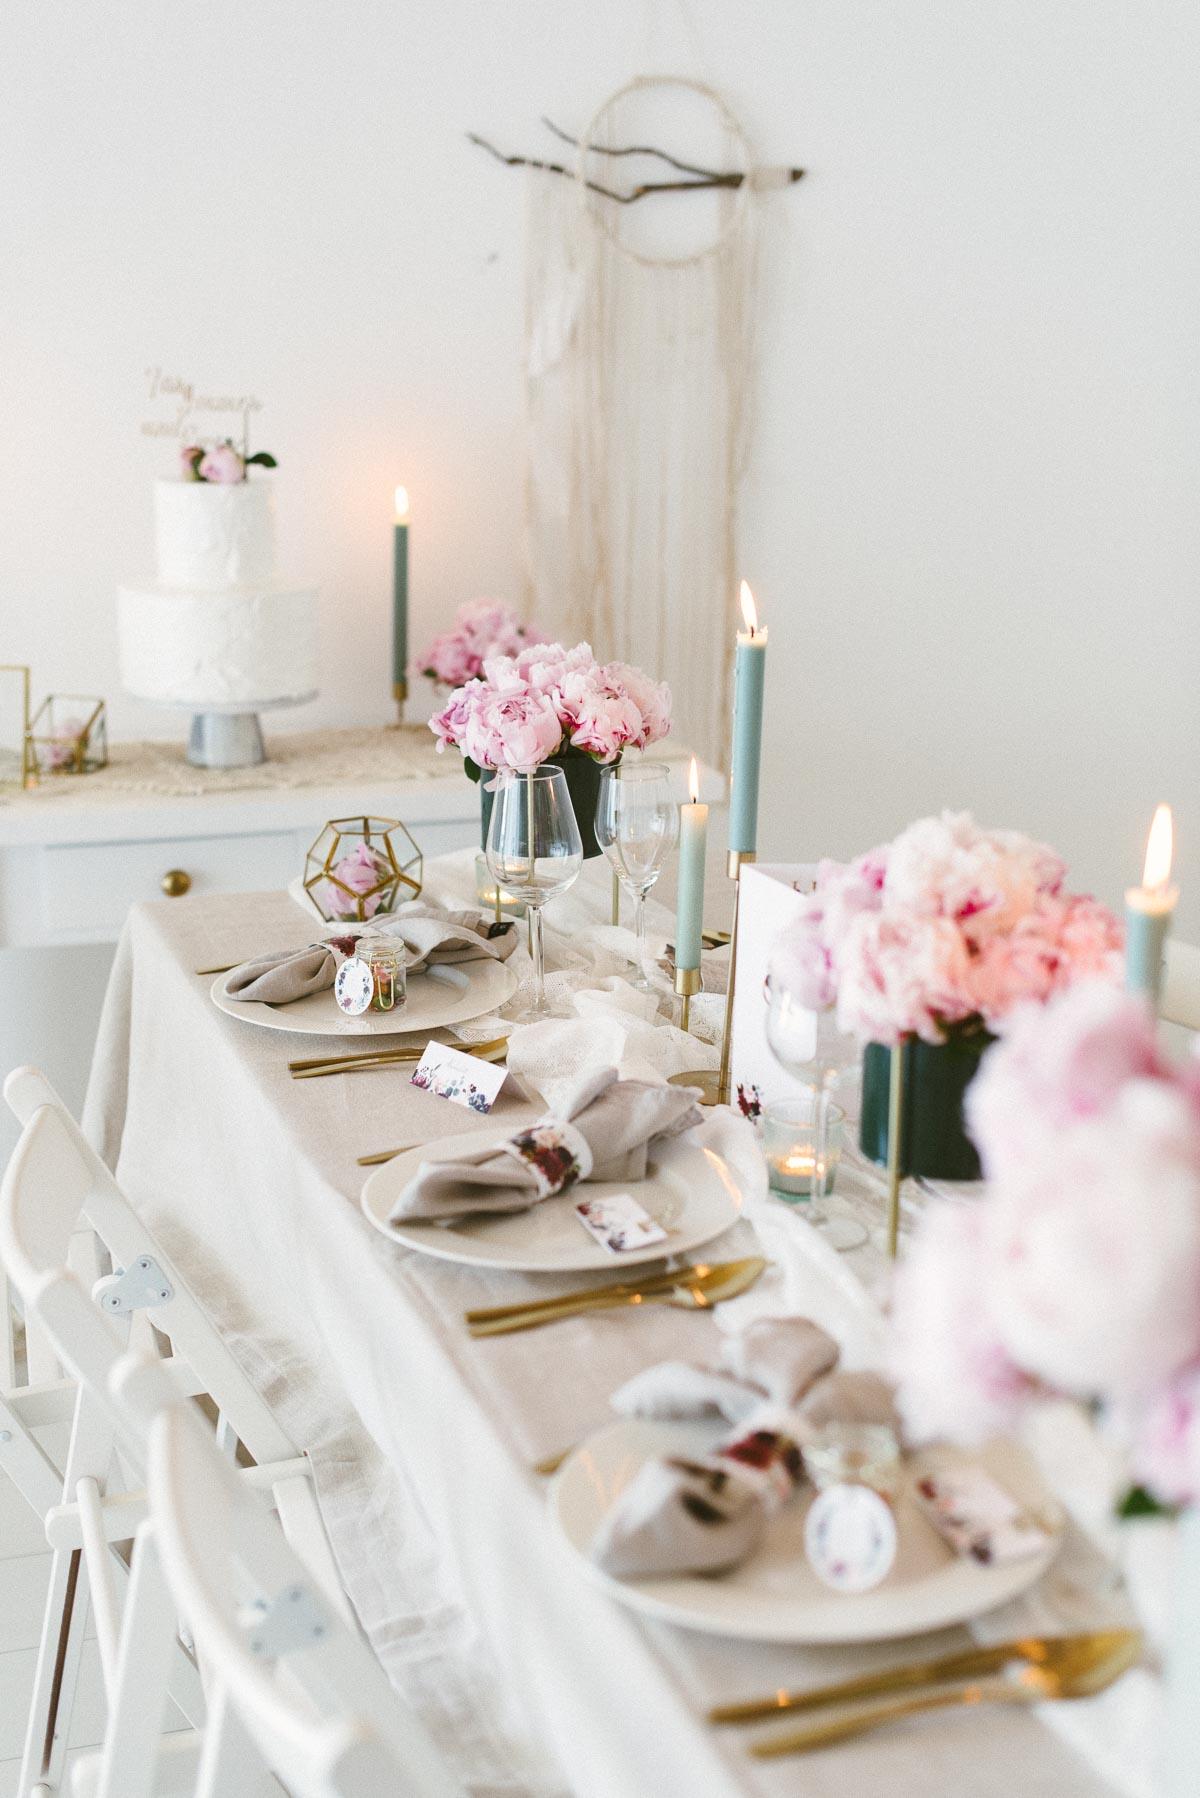 Tischdekoration zur Hochzeit mit rosa Pfingstrosen